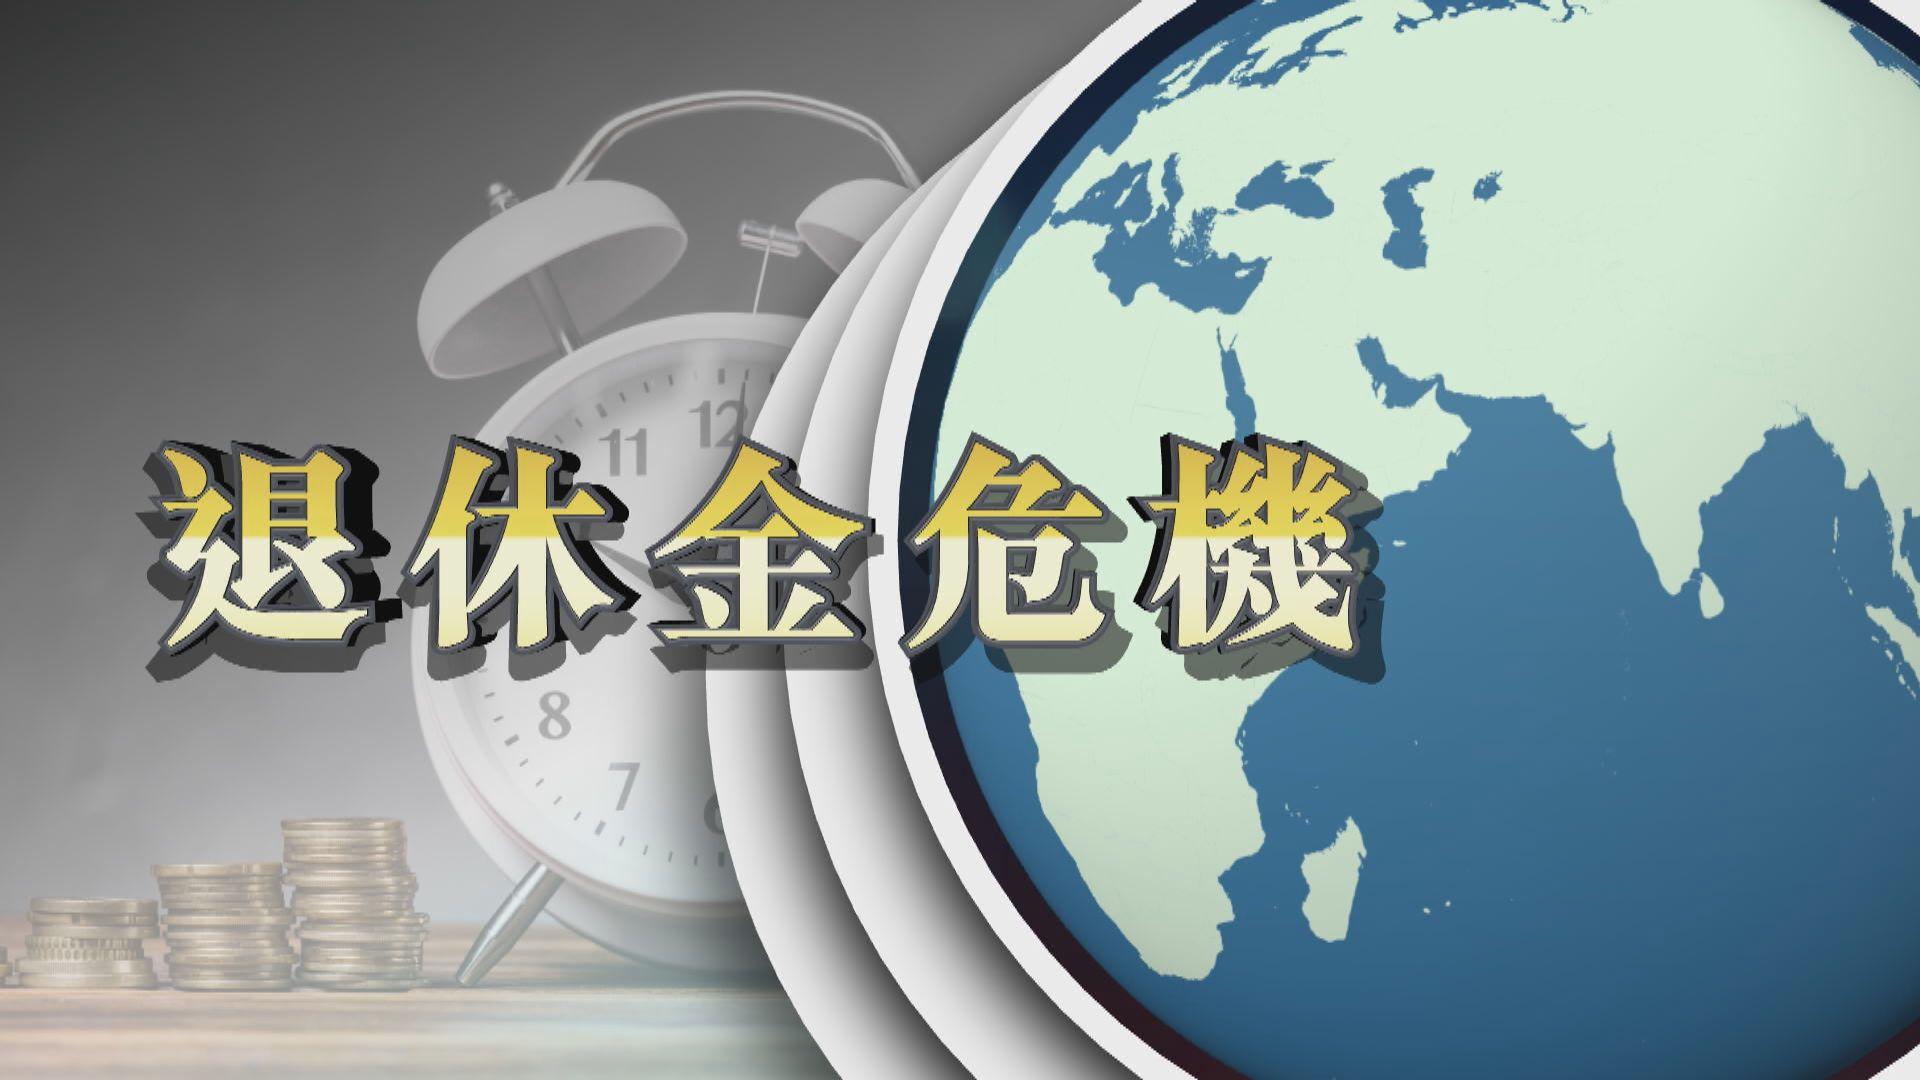 【新聞智庫】全球人口老化 退休金危機浮現